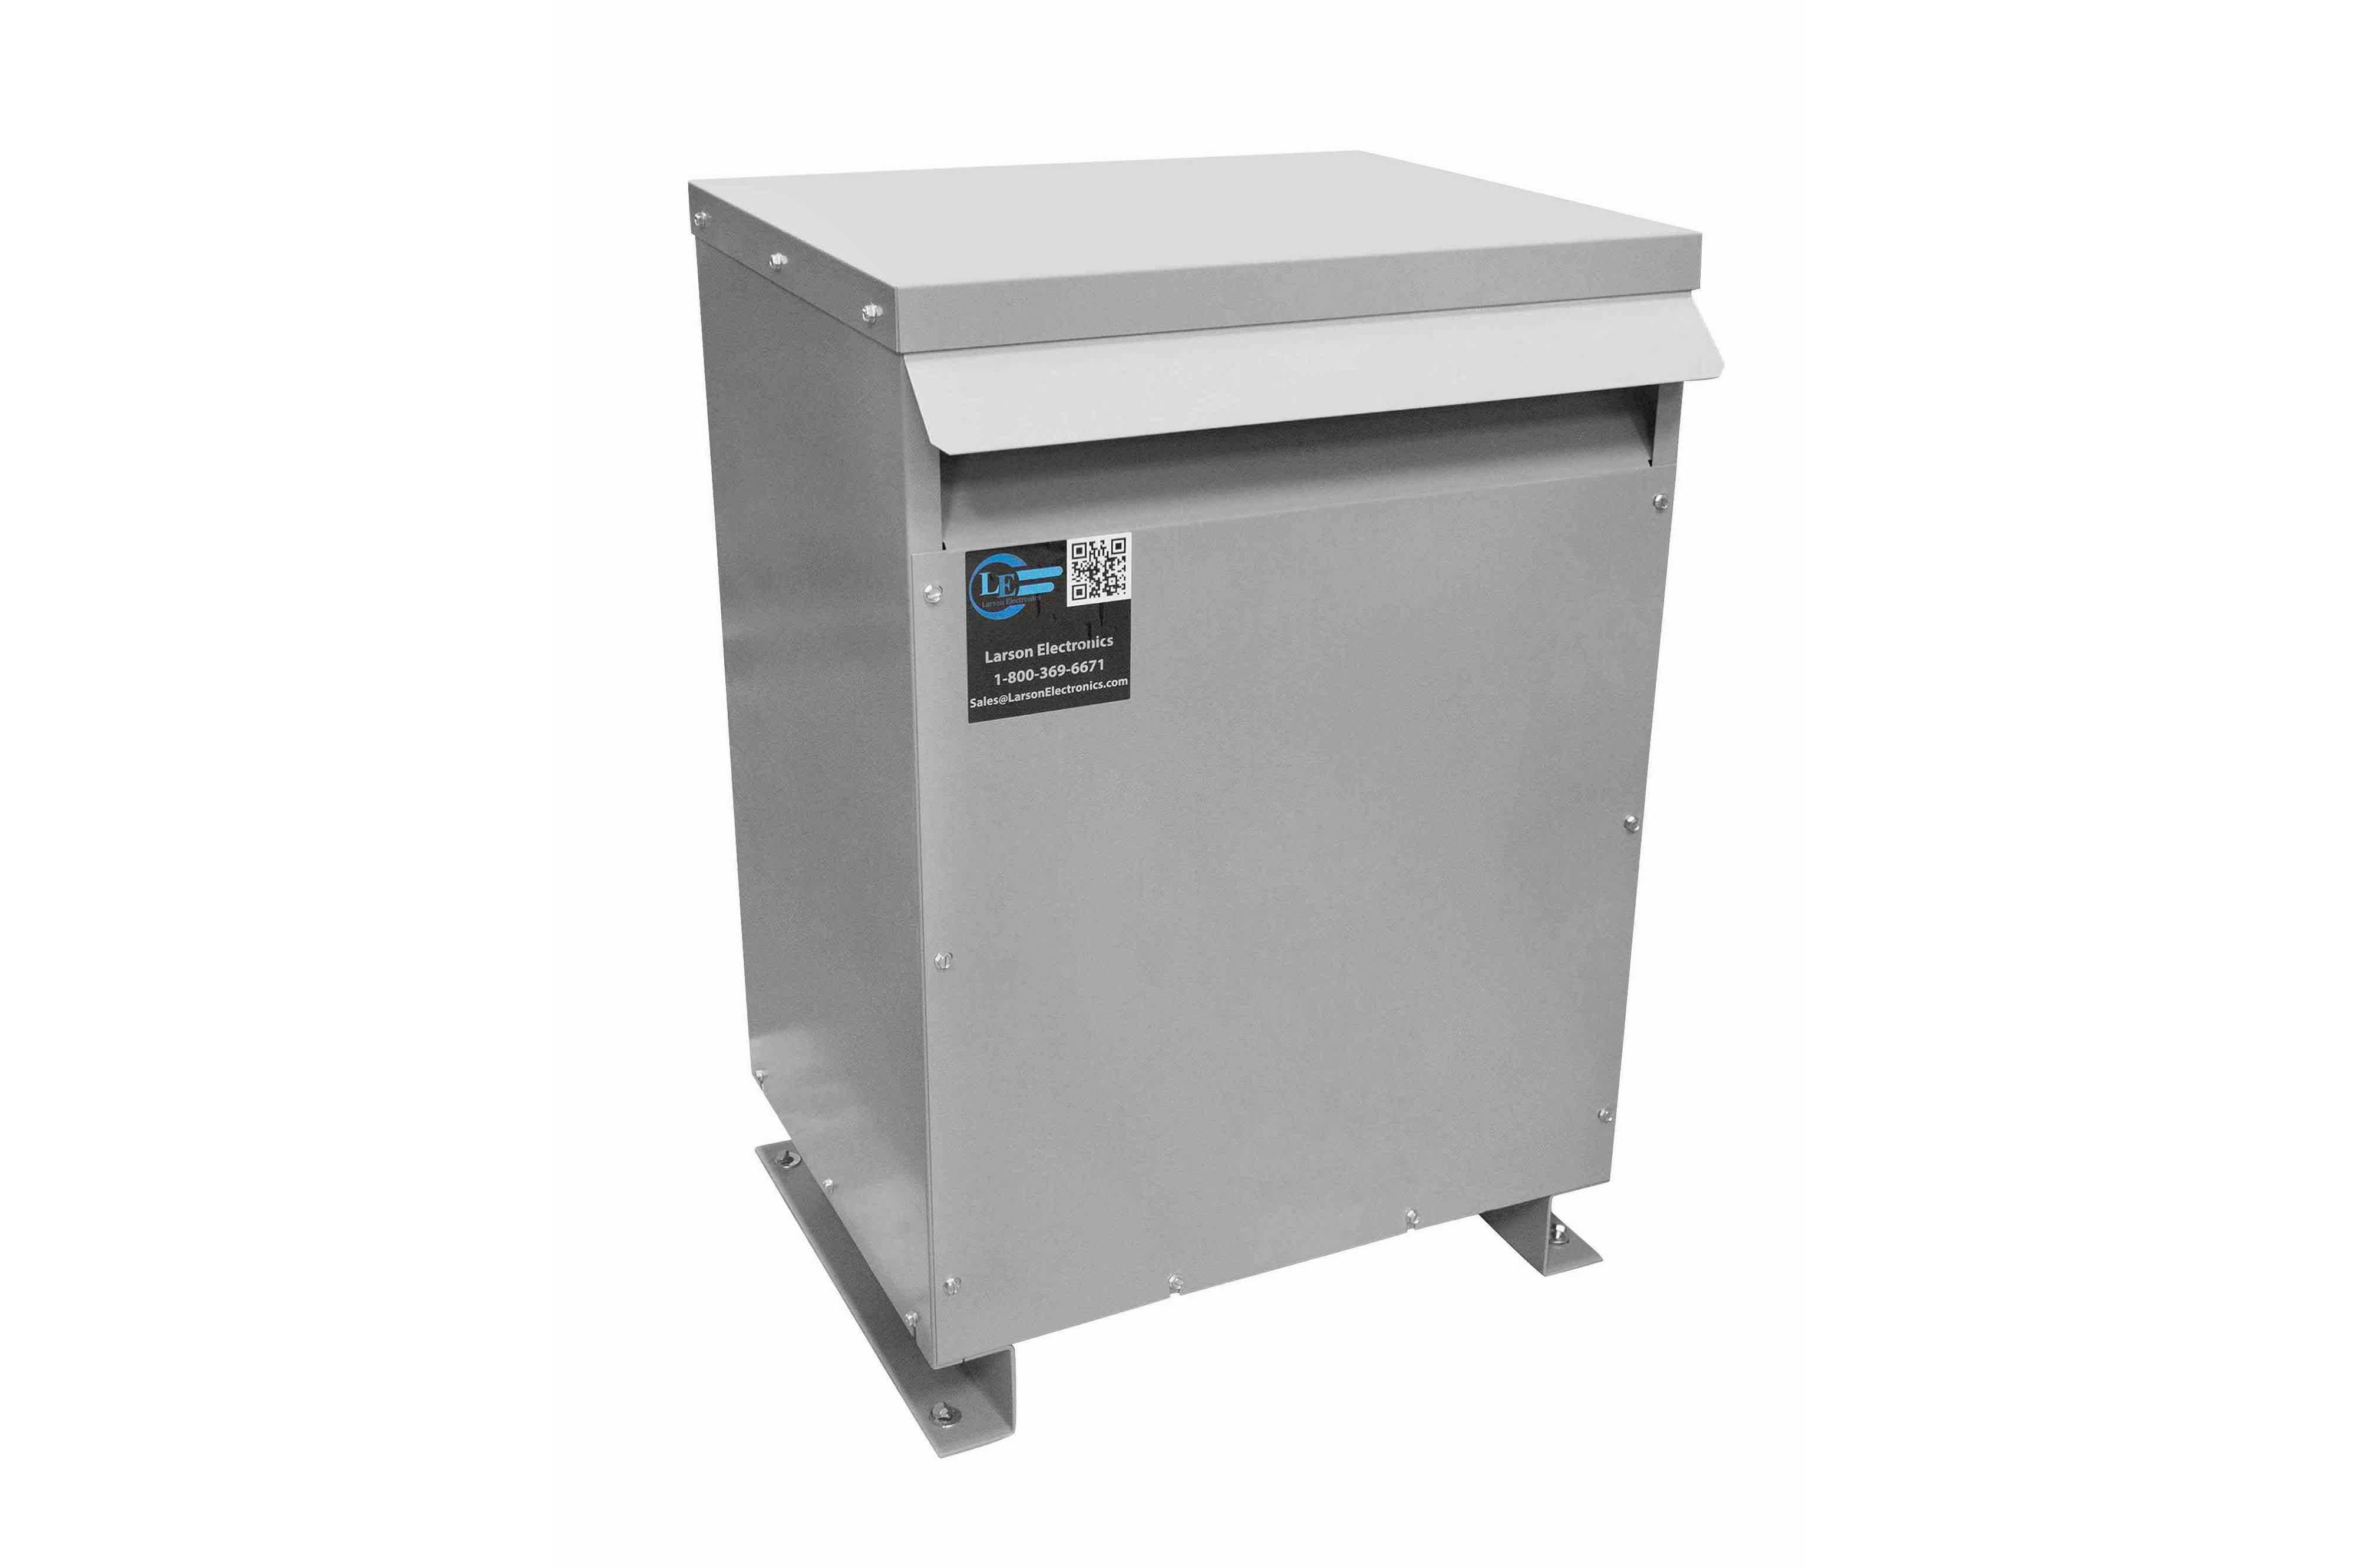 175 kVA 3PH Isolation Transformer, 380V Delta Primary, 600V Delta Secondary, N3R, Ventilated, 60 Hz